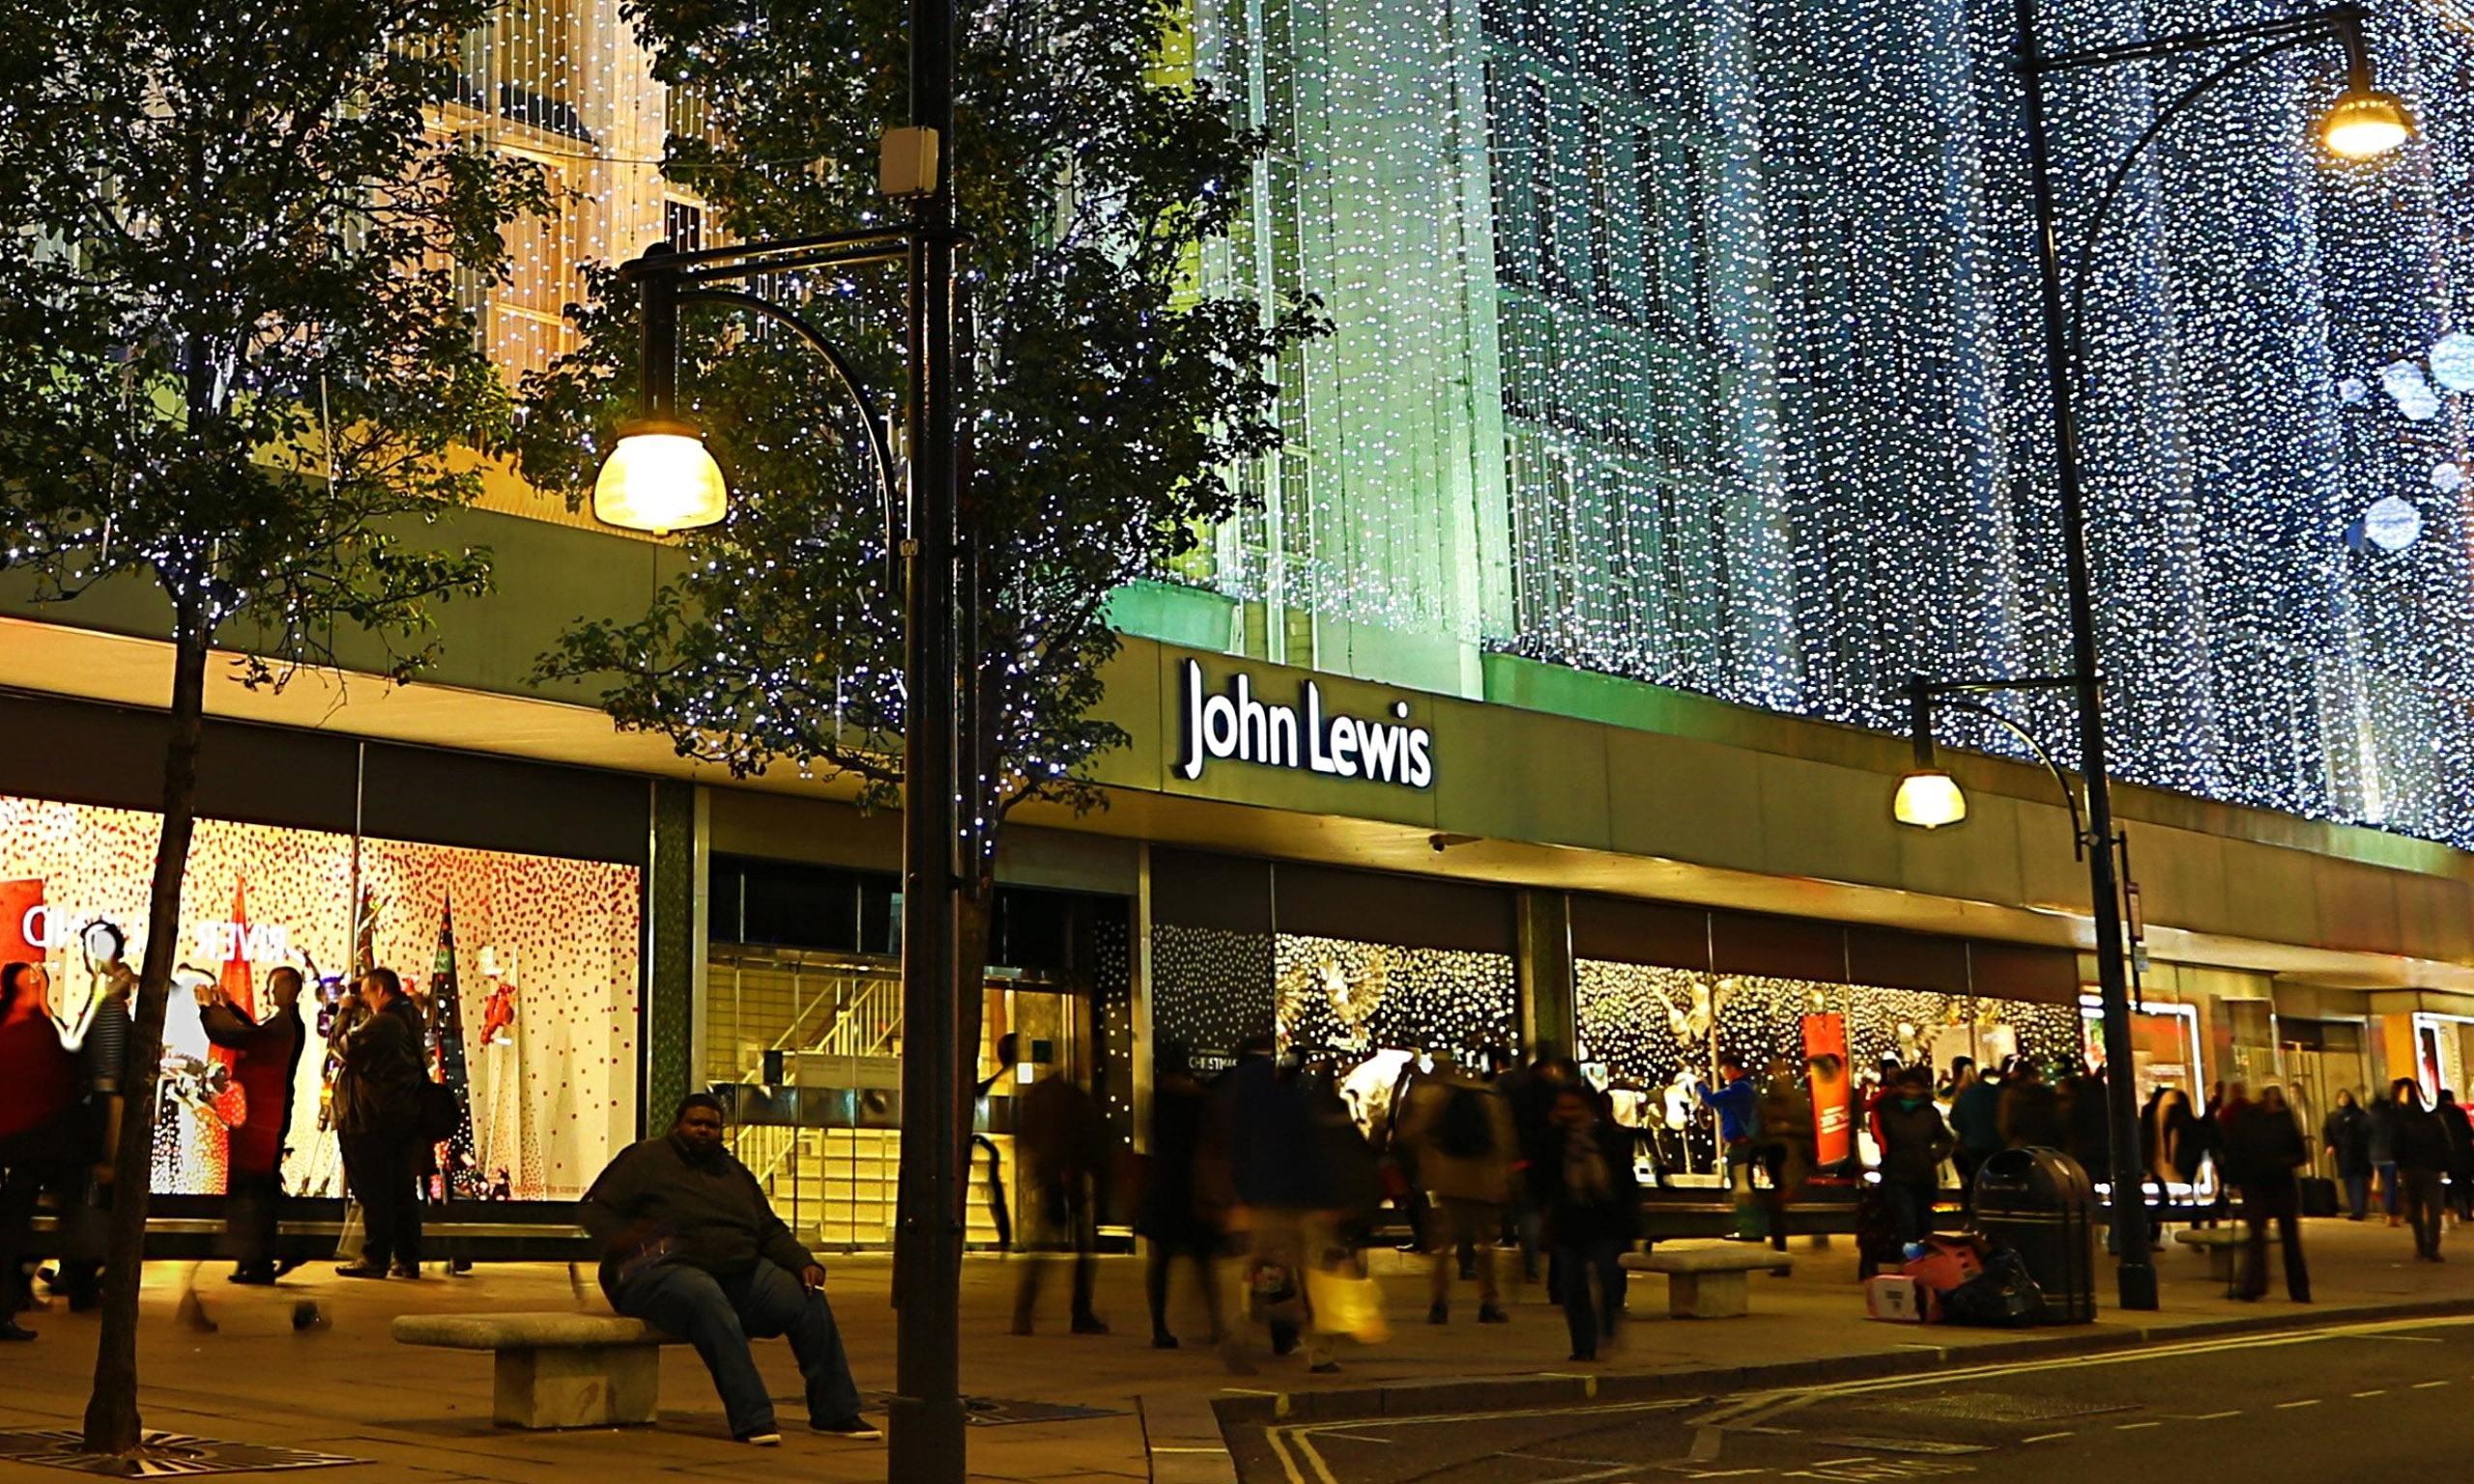 John lewis travel money bureau